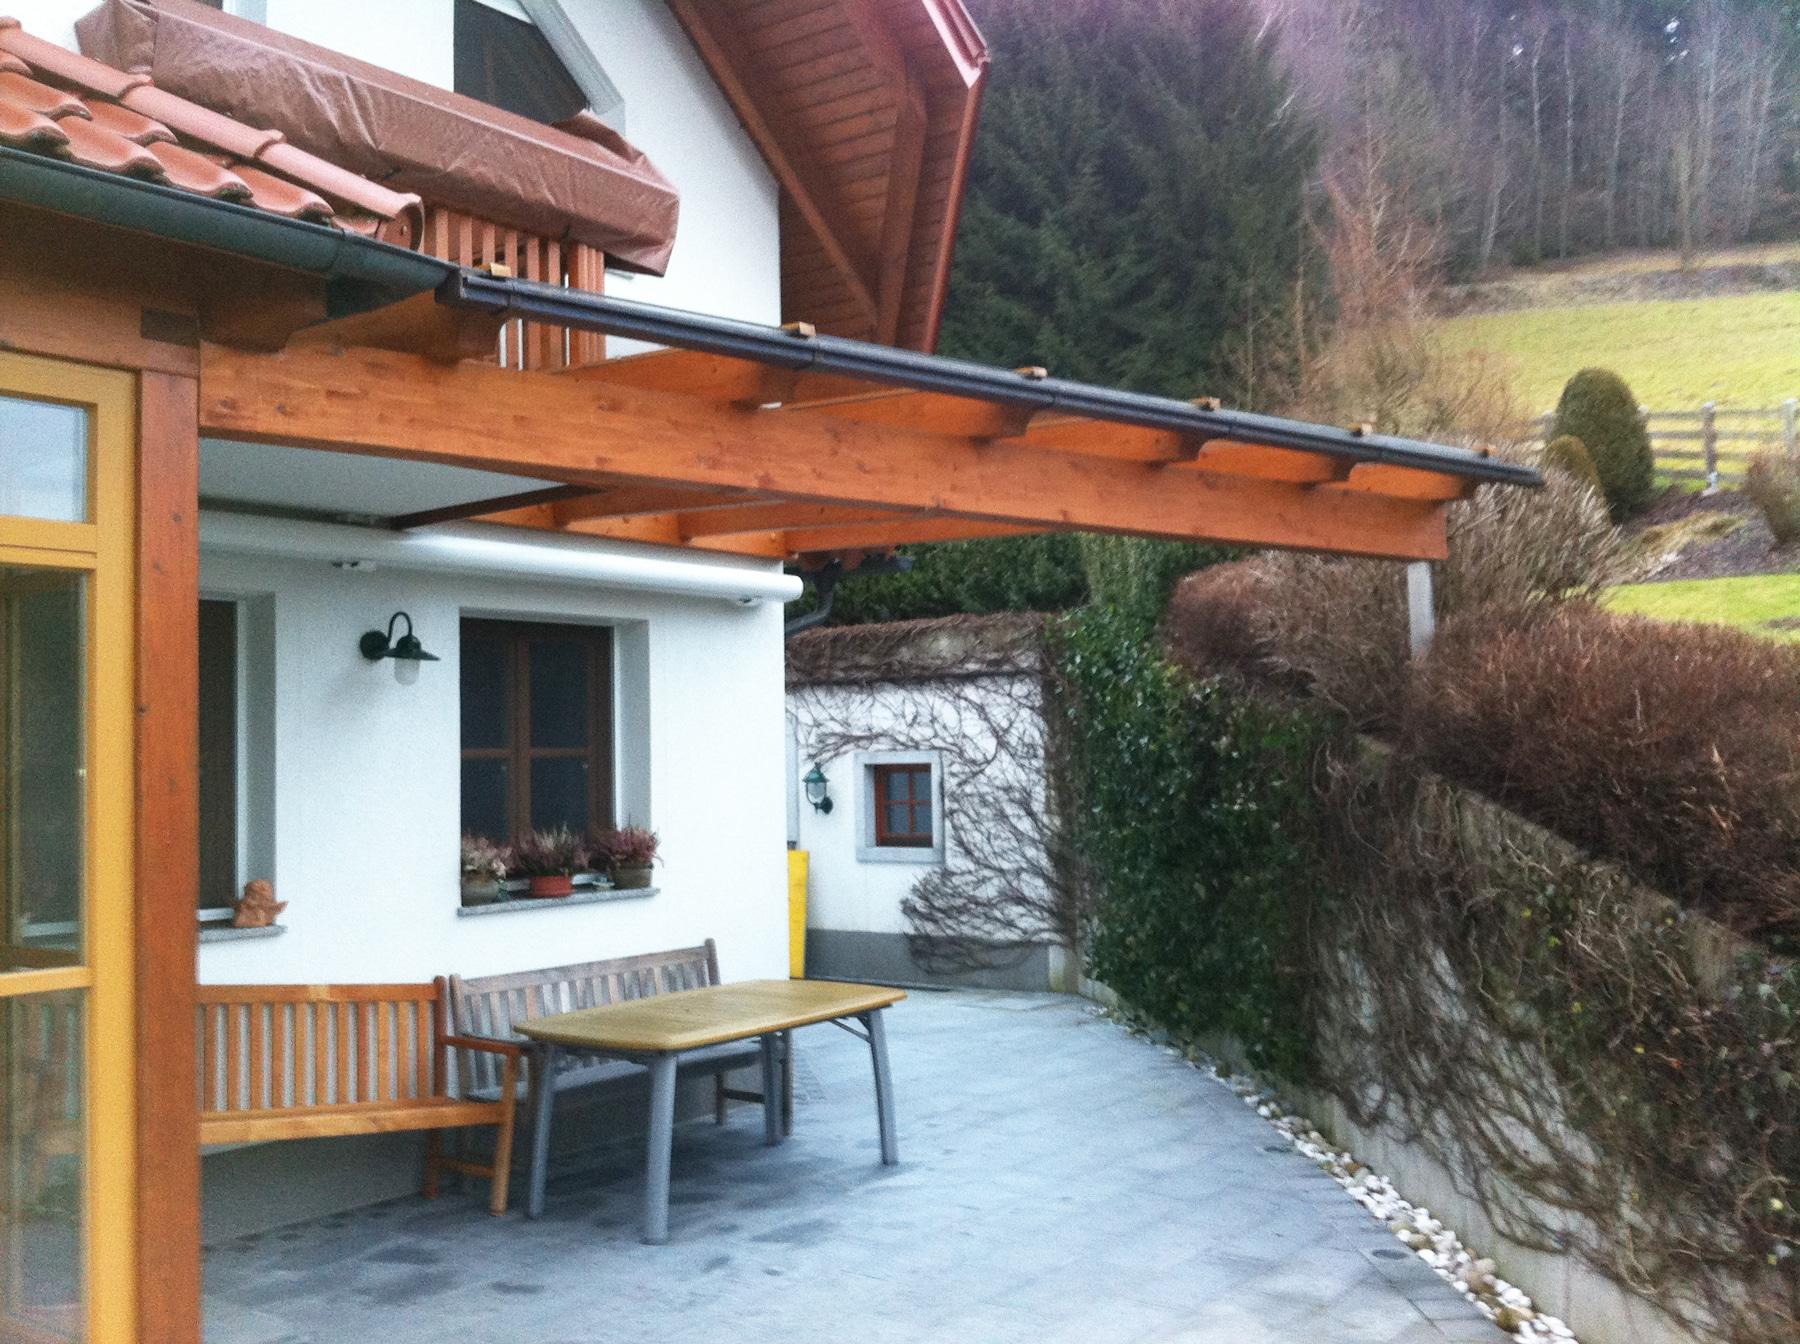 Holz Überdachung für Terrasse